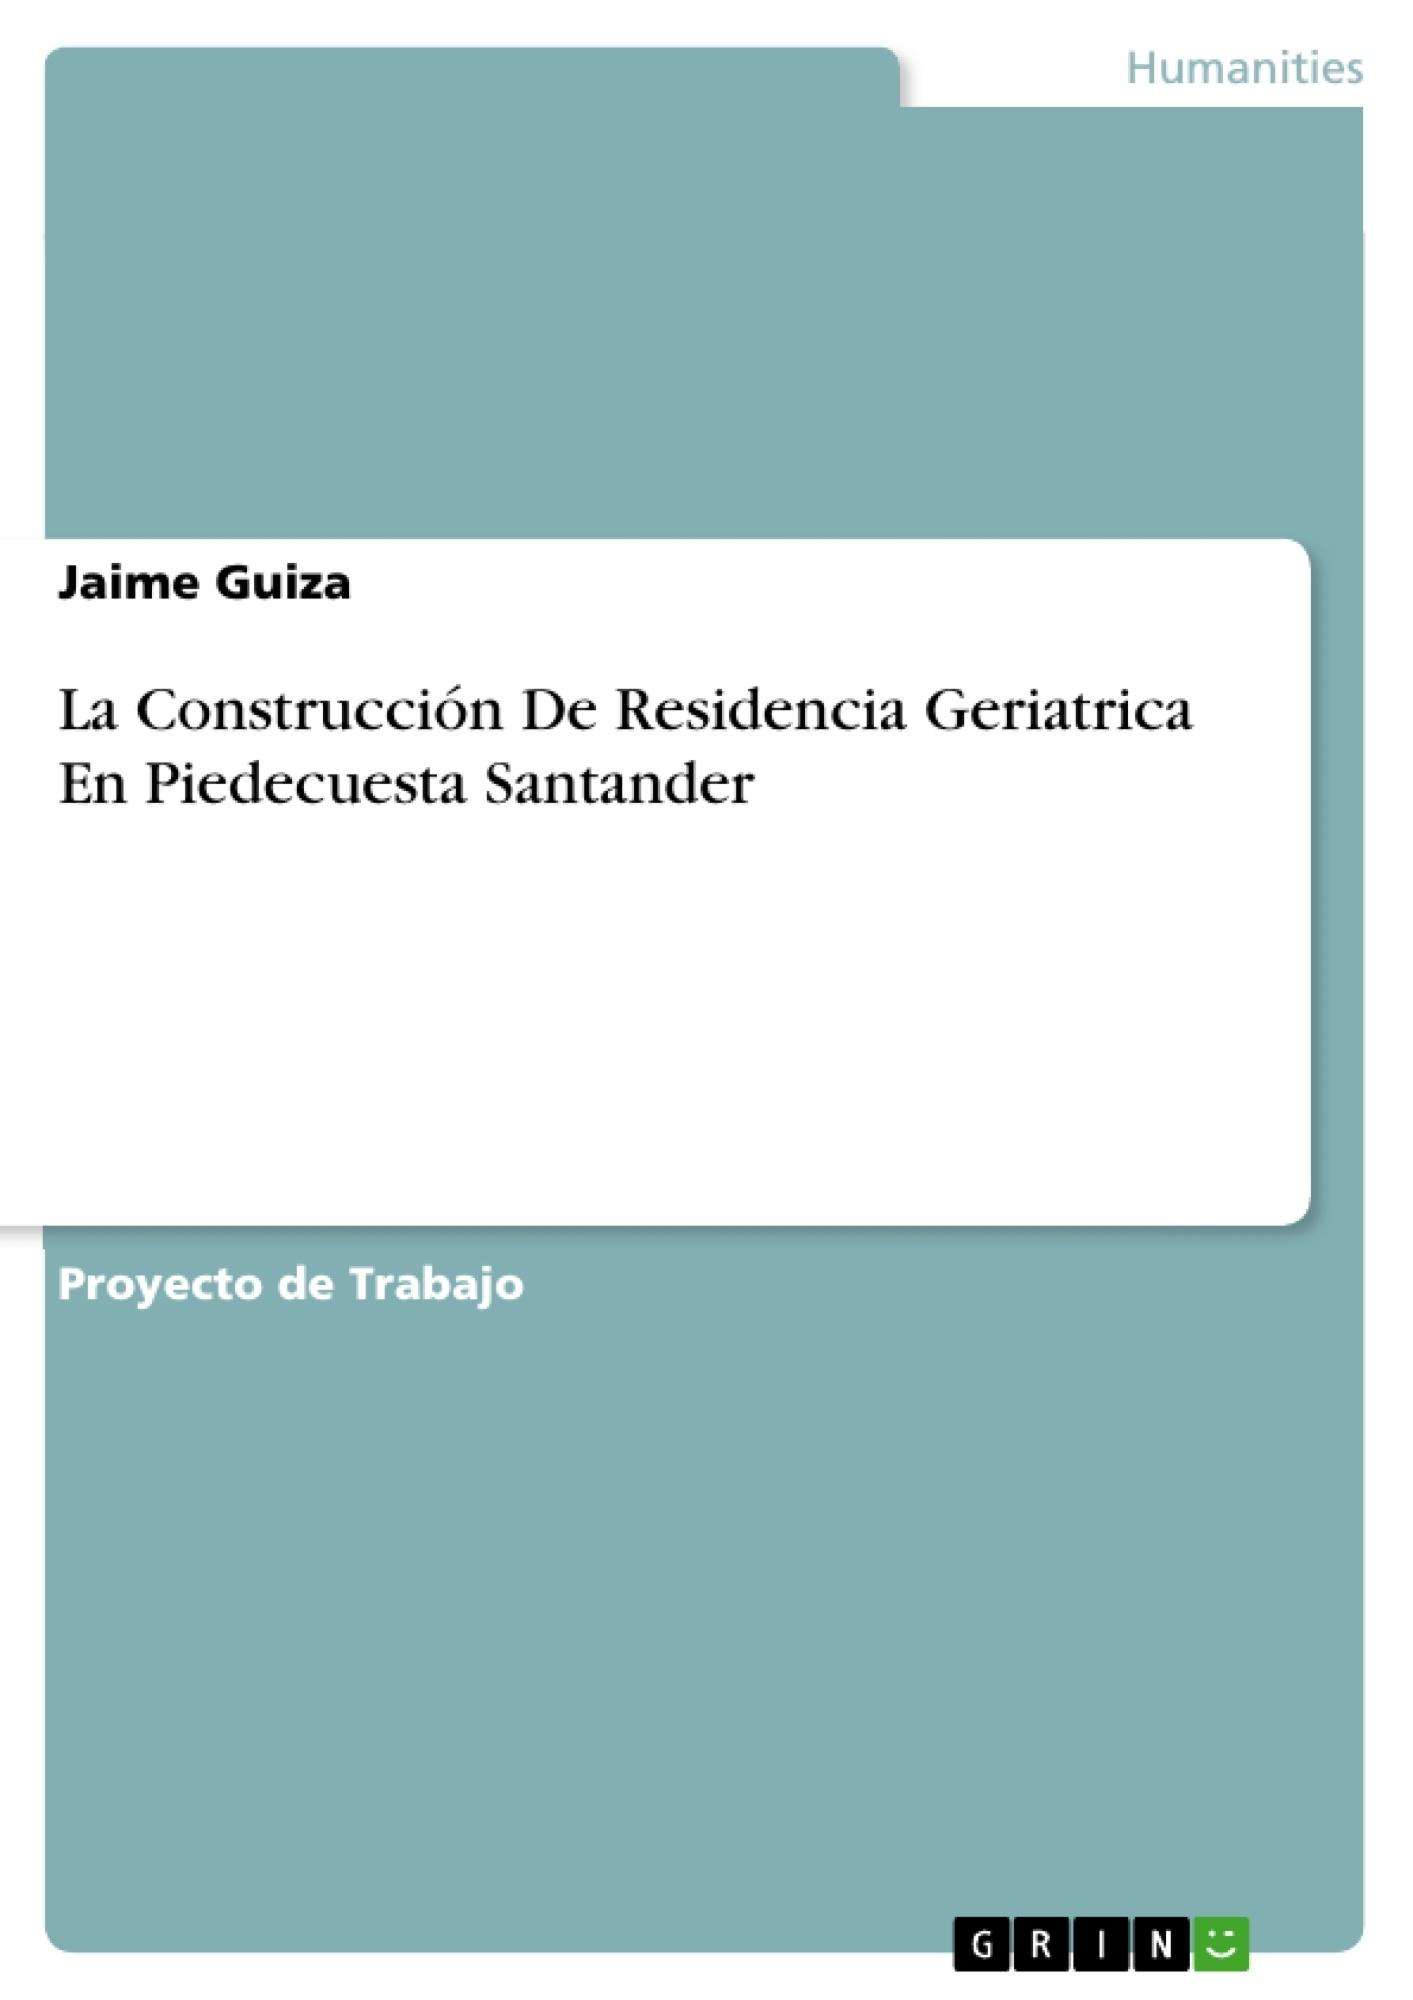 Título: La Construcción De Residencia Geriatrica En Piedecuesta Santander